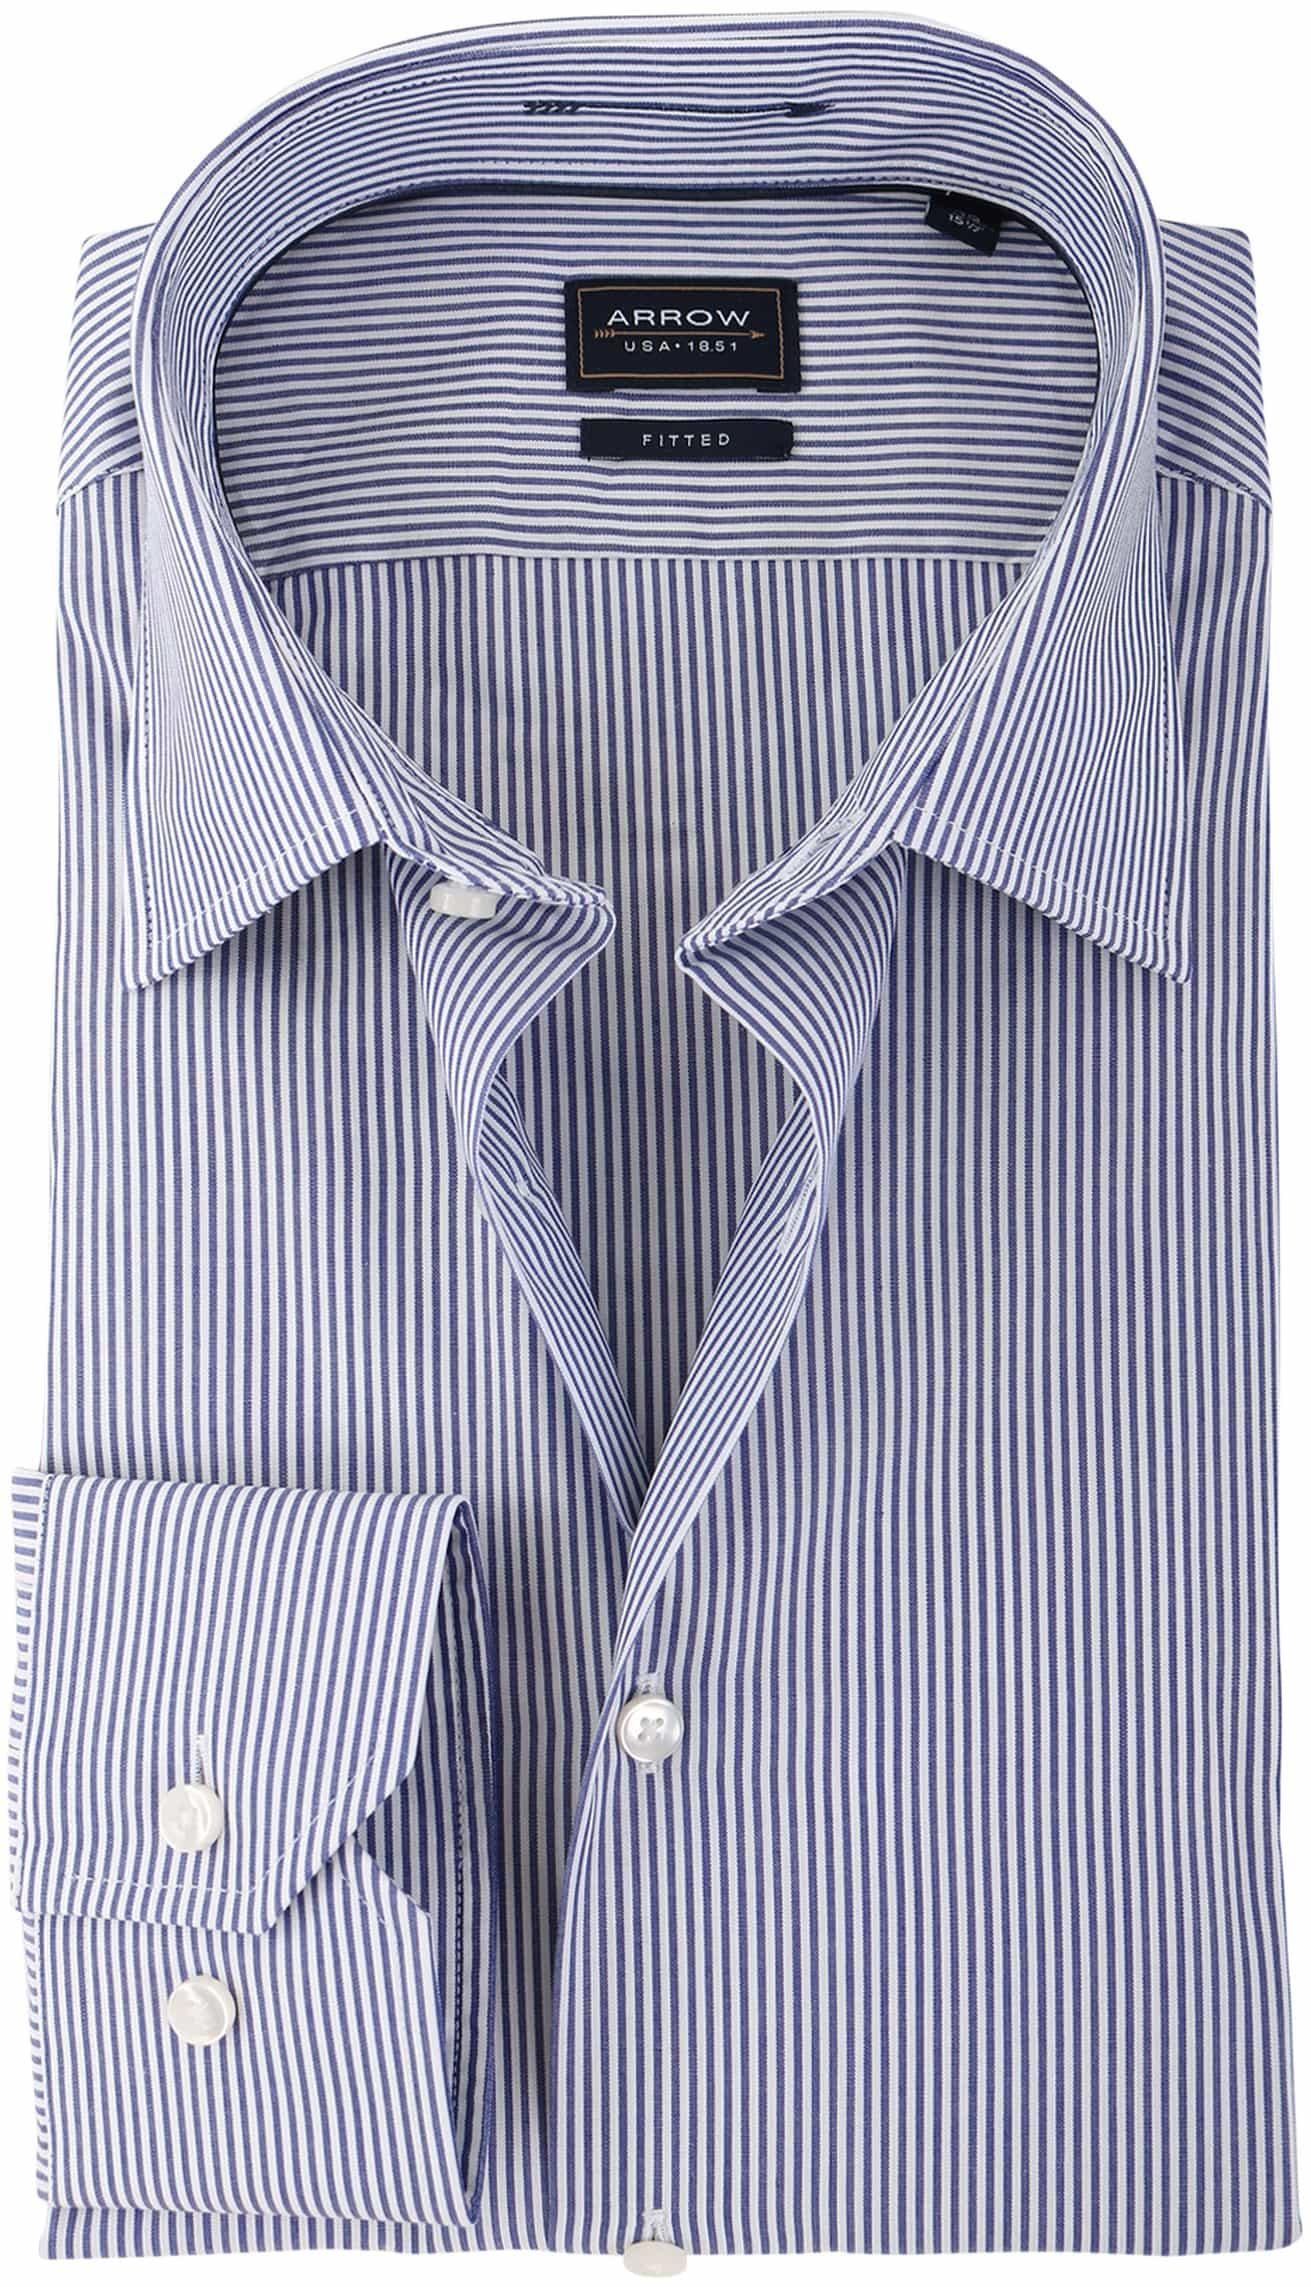 Arrow Overhemd Blauw Streep foto 0